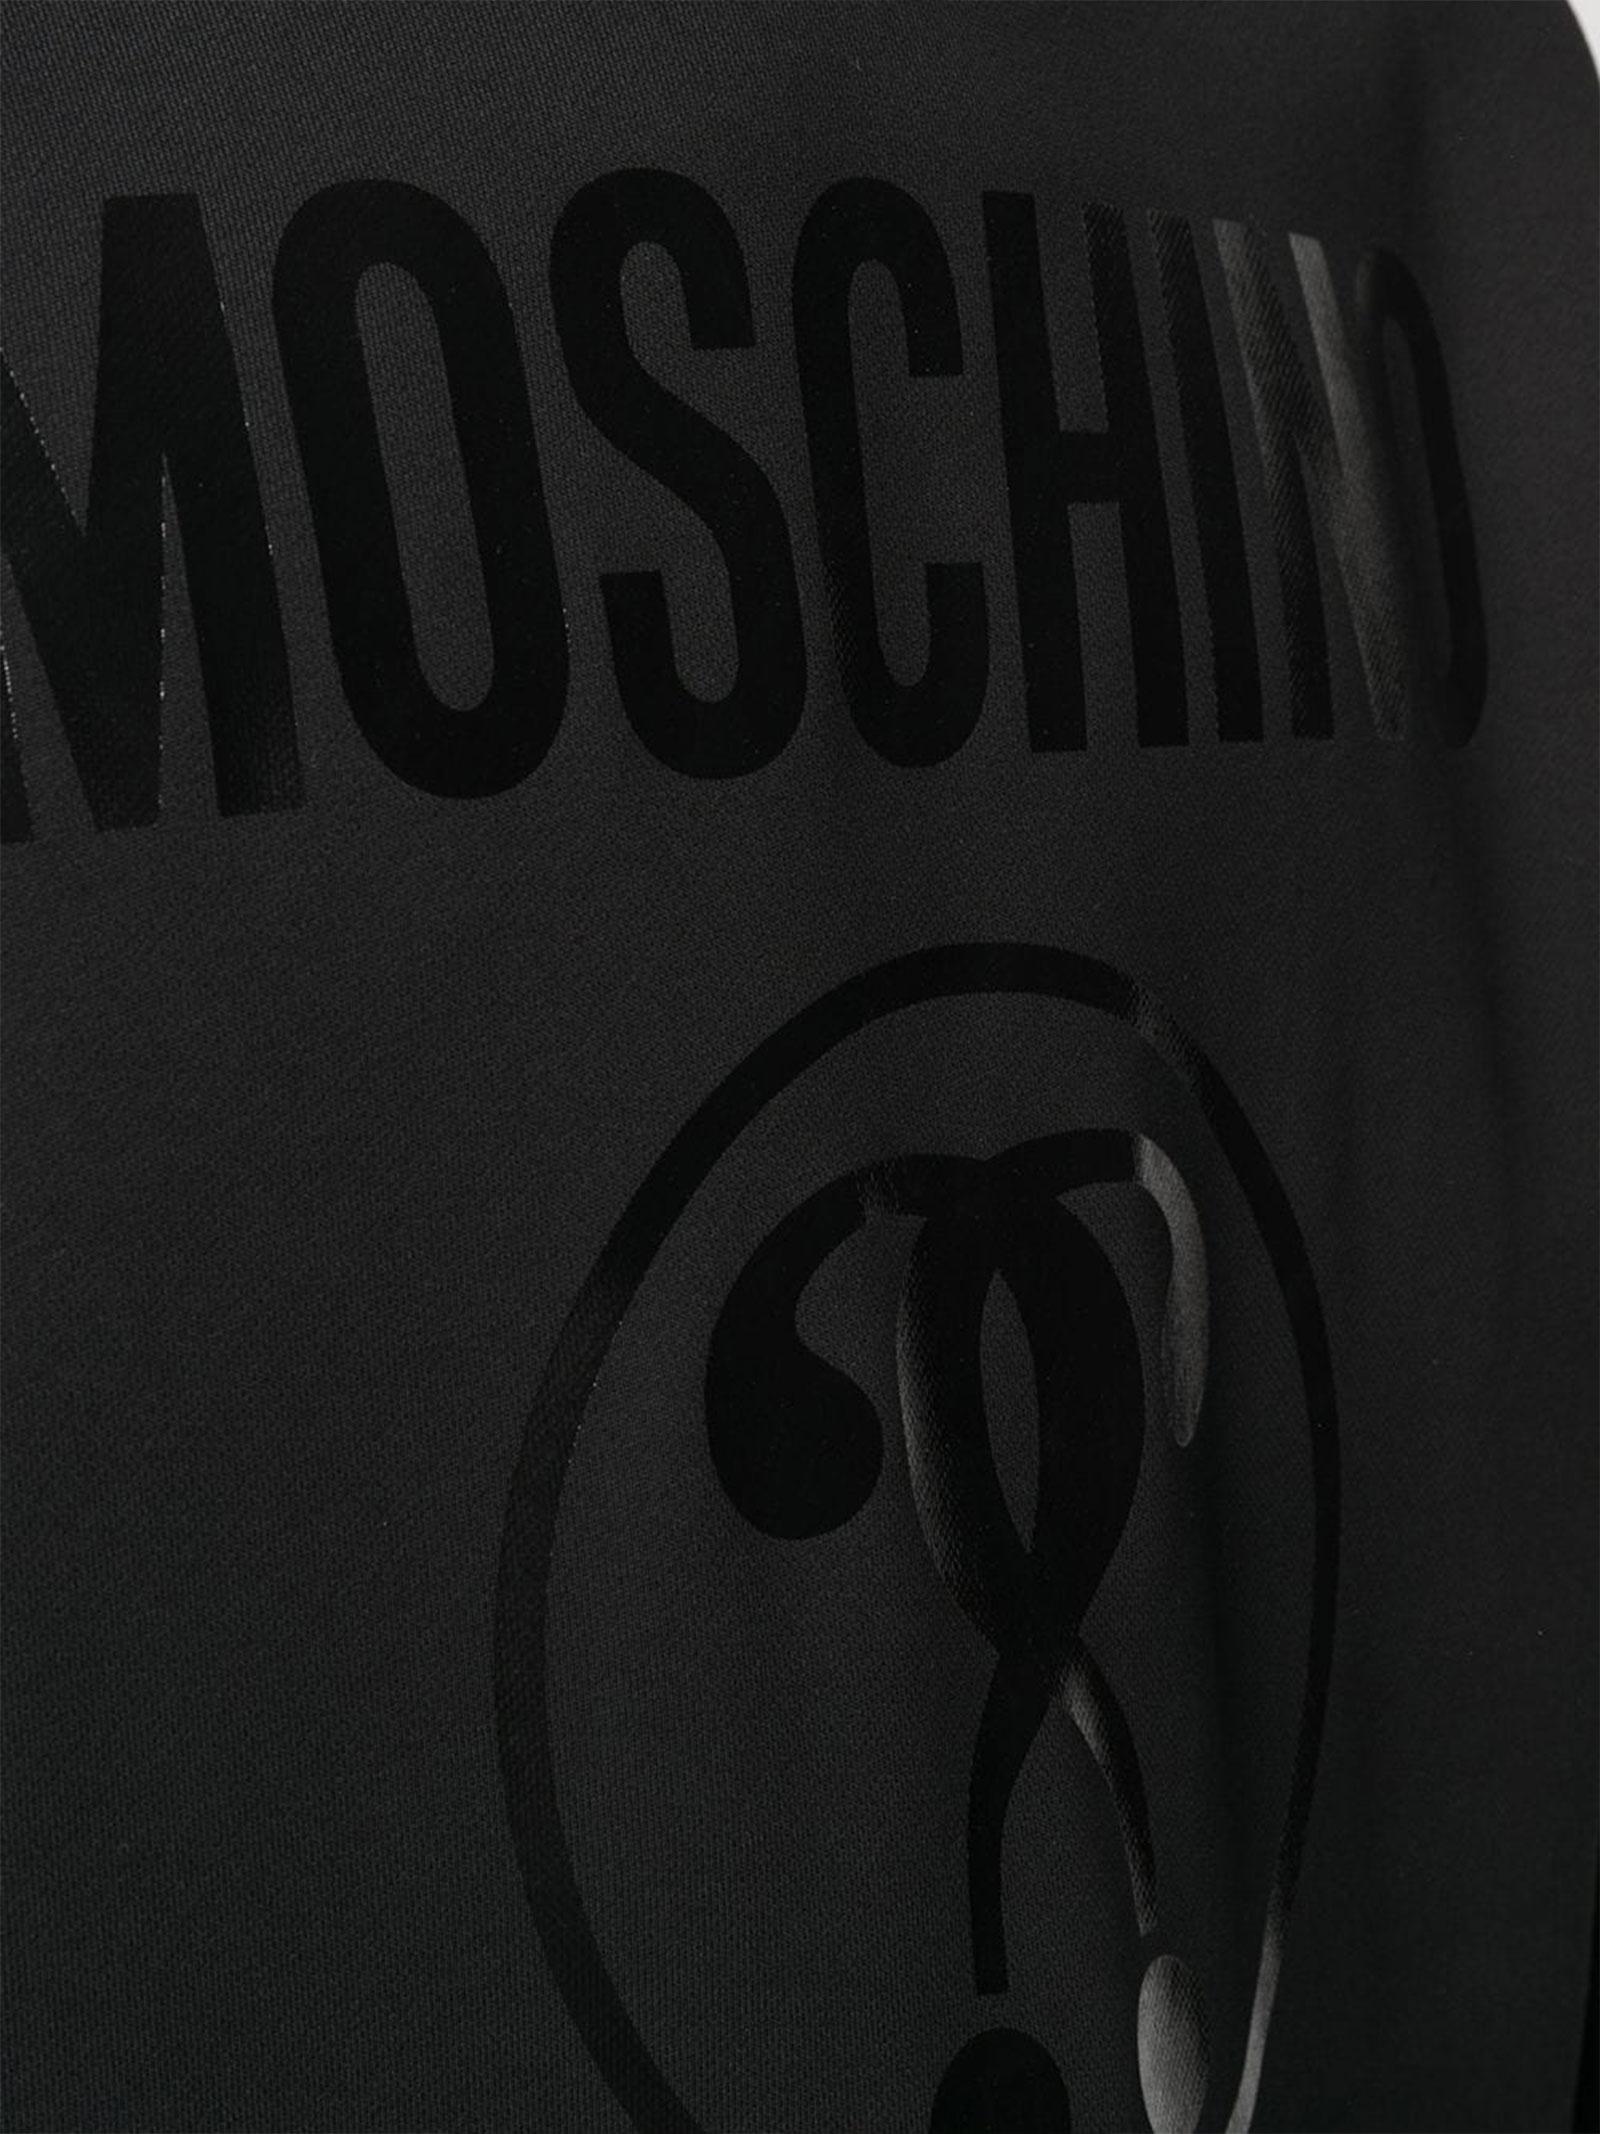 Felpa con stampa Moschino Couture   Felpa   17040555